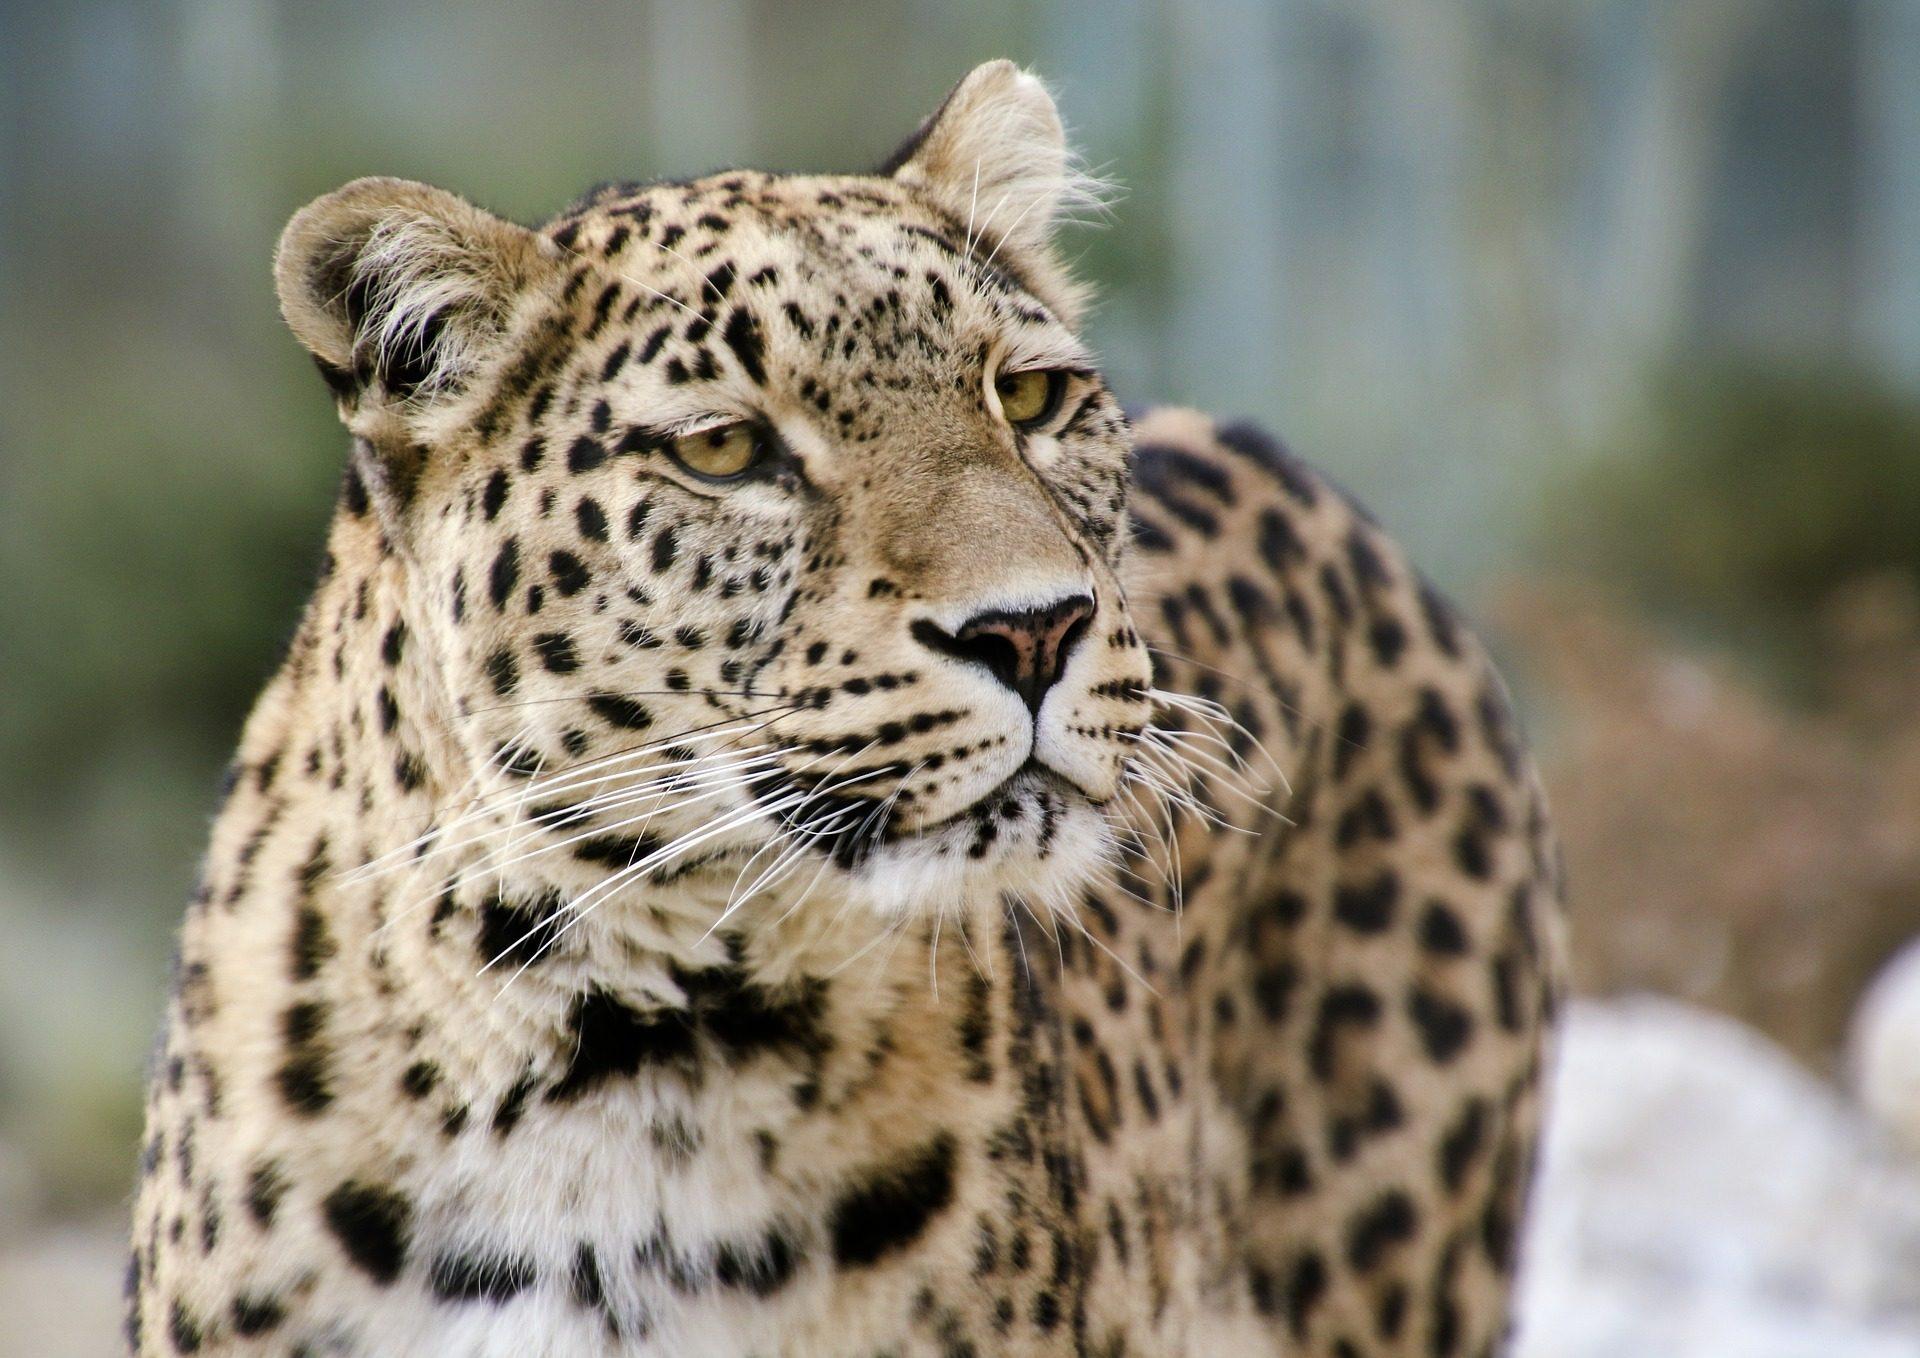 Leopard, felino, Predador, peles, moteado, bigodes - Papéis de parede HD - Professor-falken.com